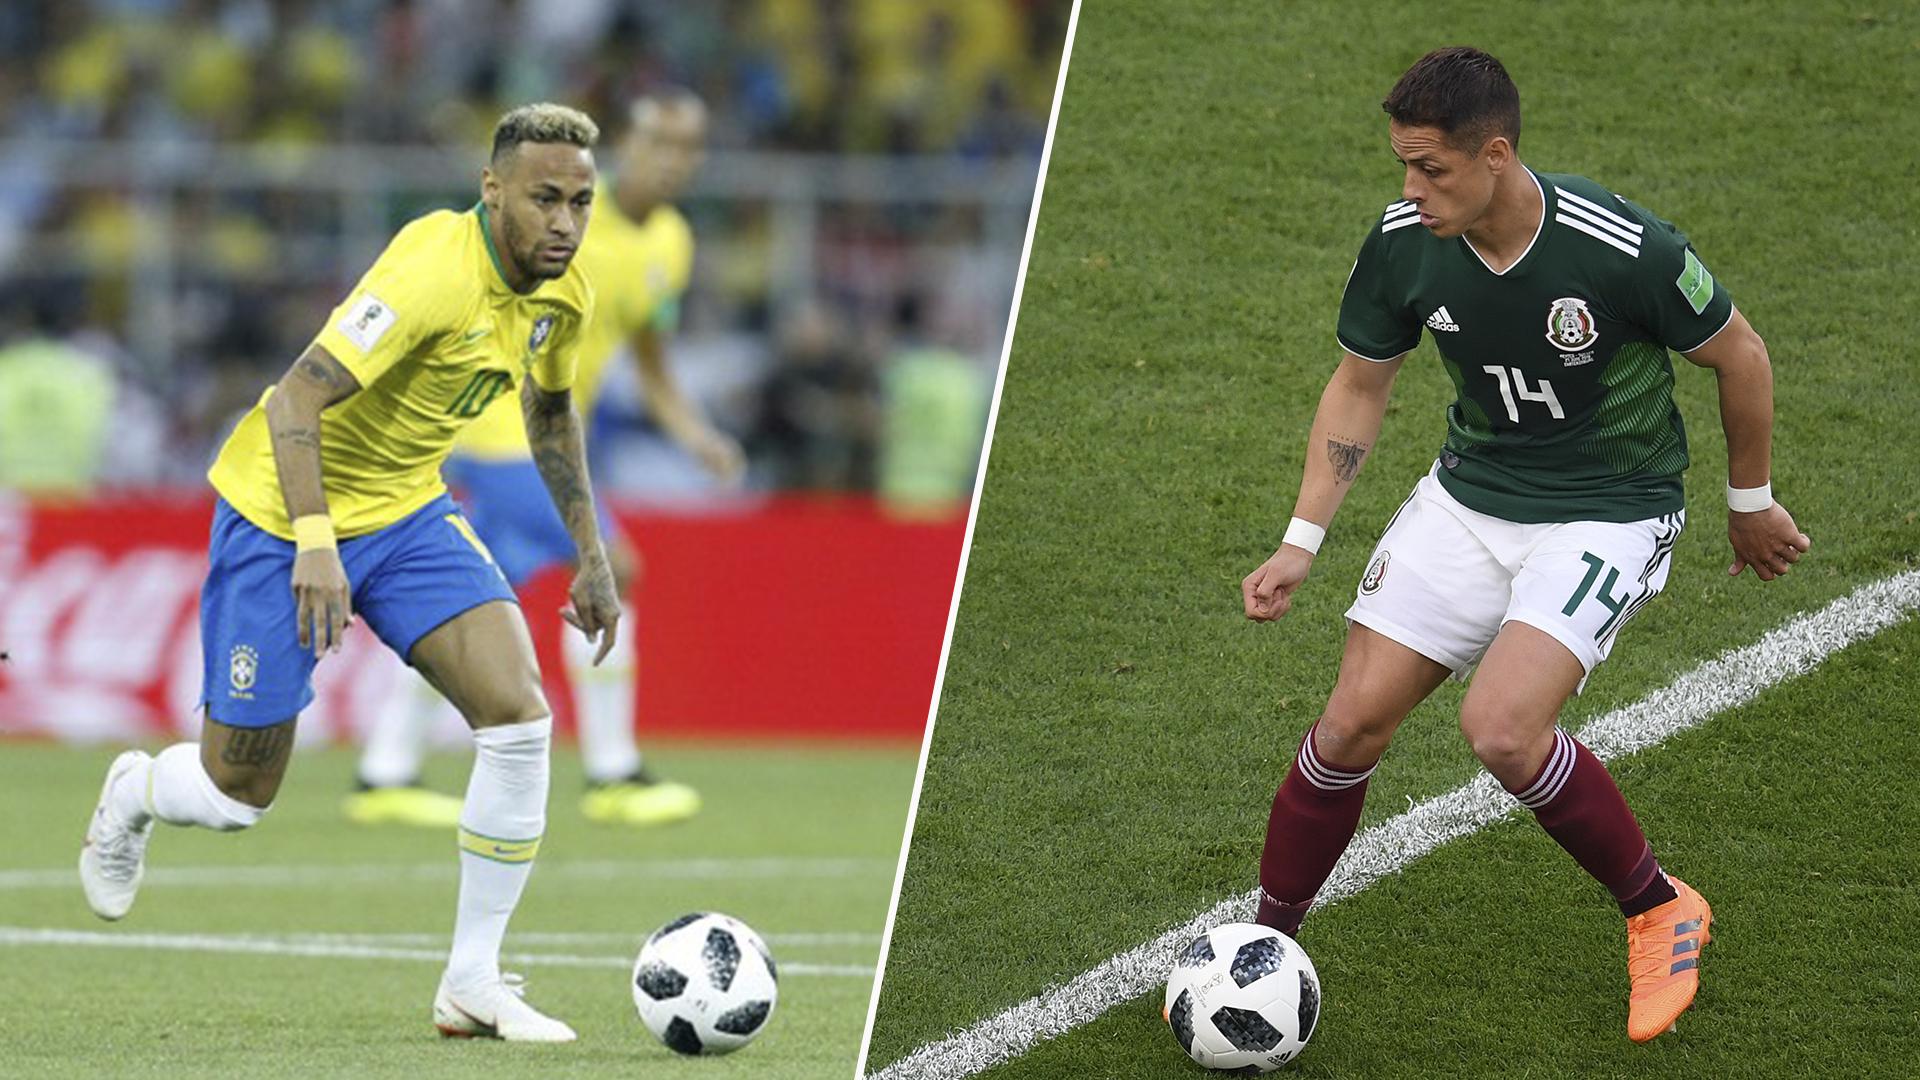 Risultati immagini per Campionato mondiale di calcio 2018